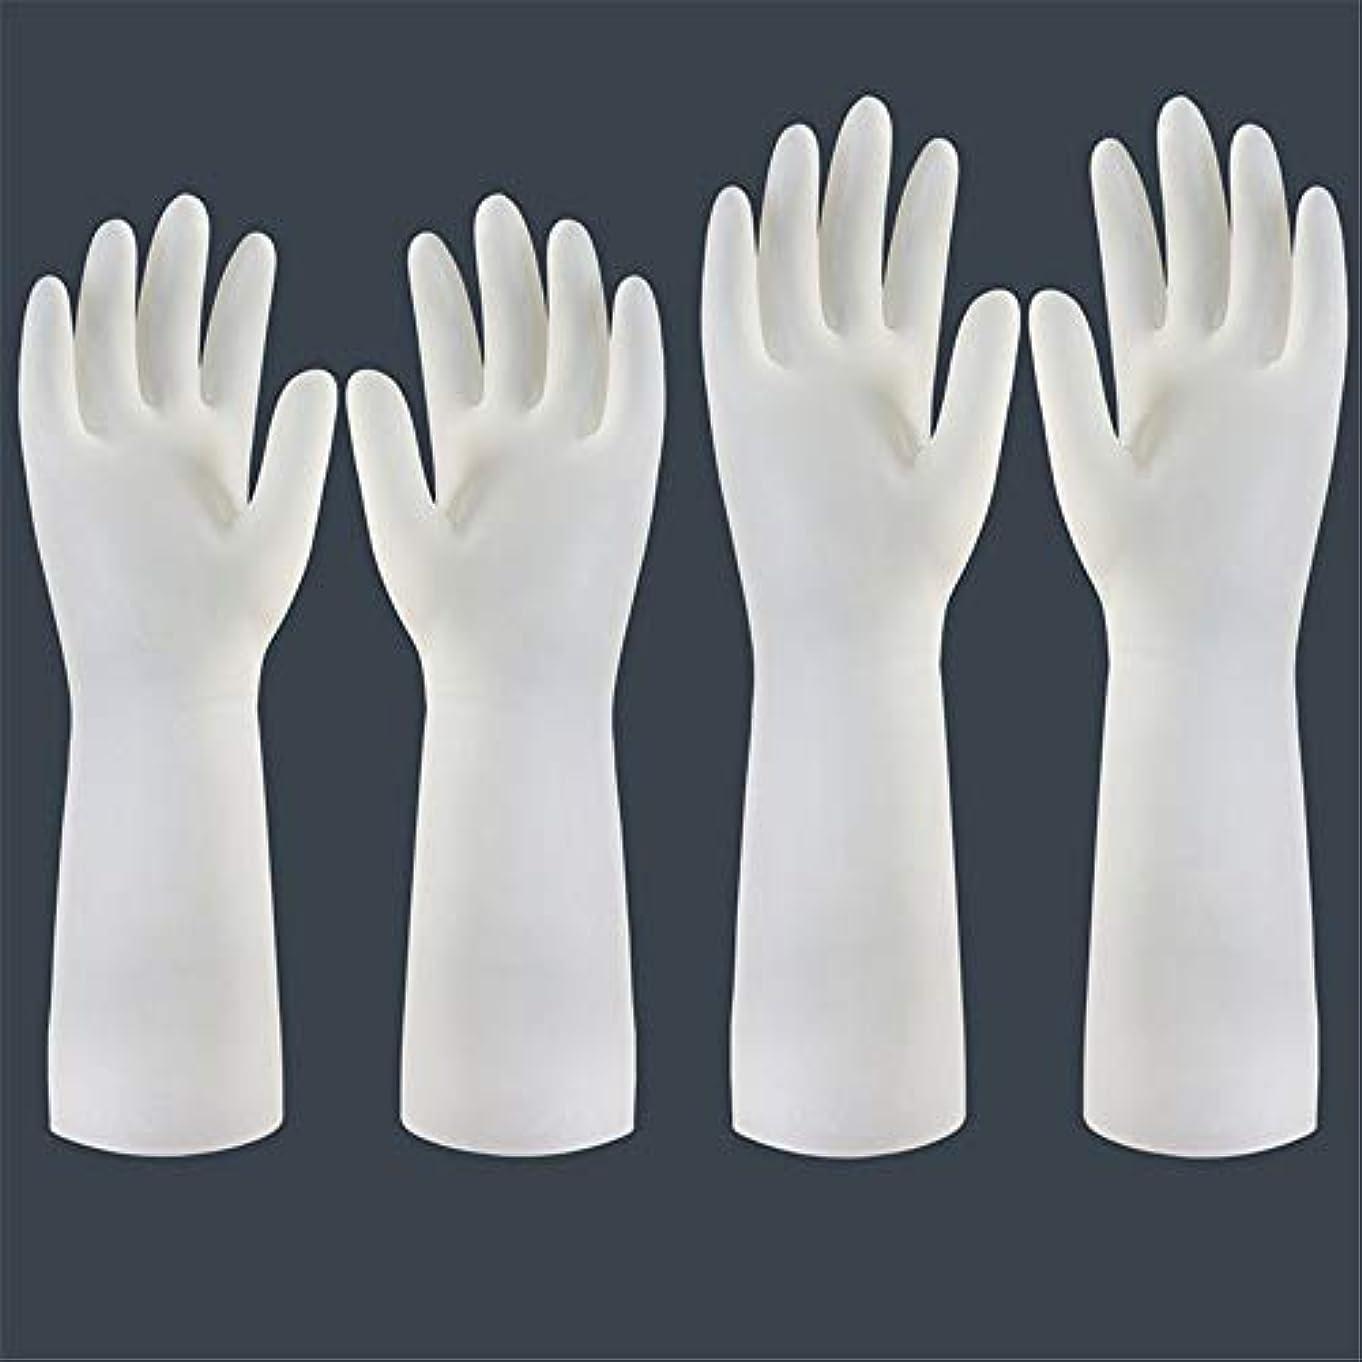 階クール中断ニトリルゴム手袋 使い捨て手袋の防水および耐久のゴム製台所手袋、小/中/大 使い捨て手袋 (Color : Short+long, Size : M)